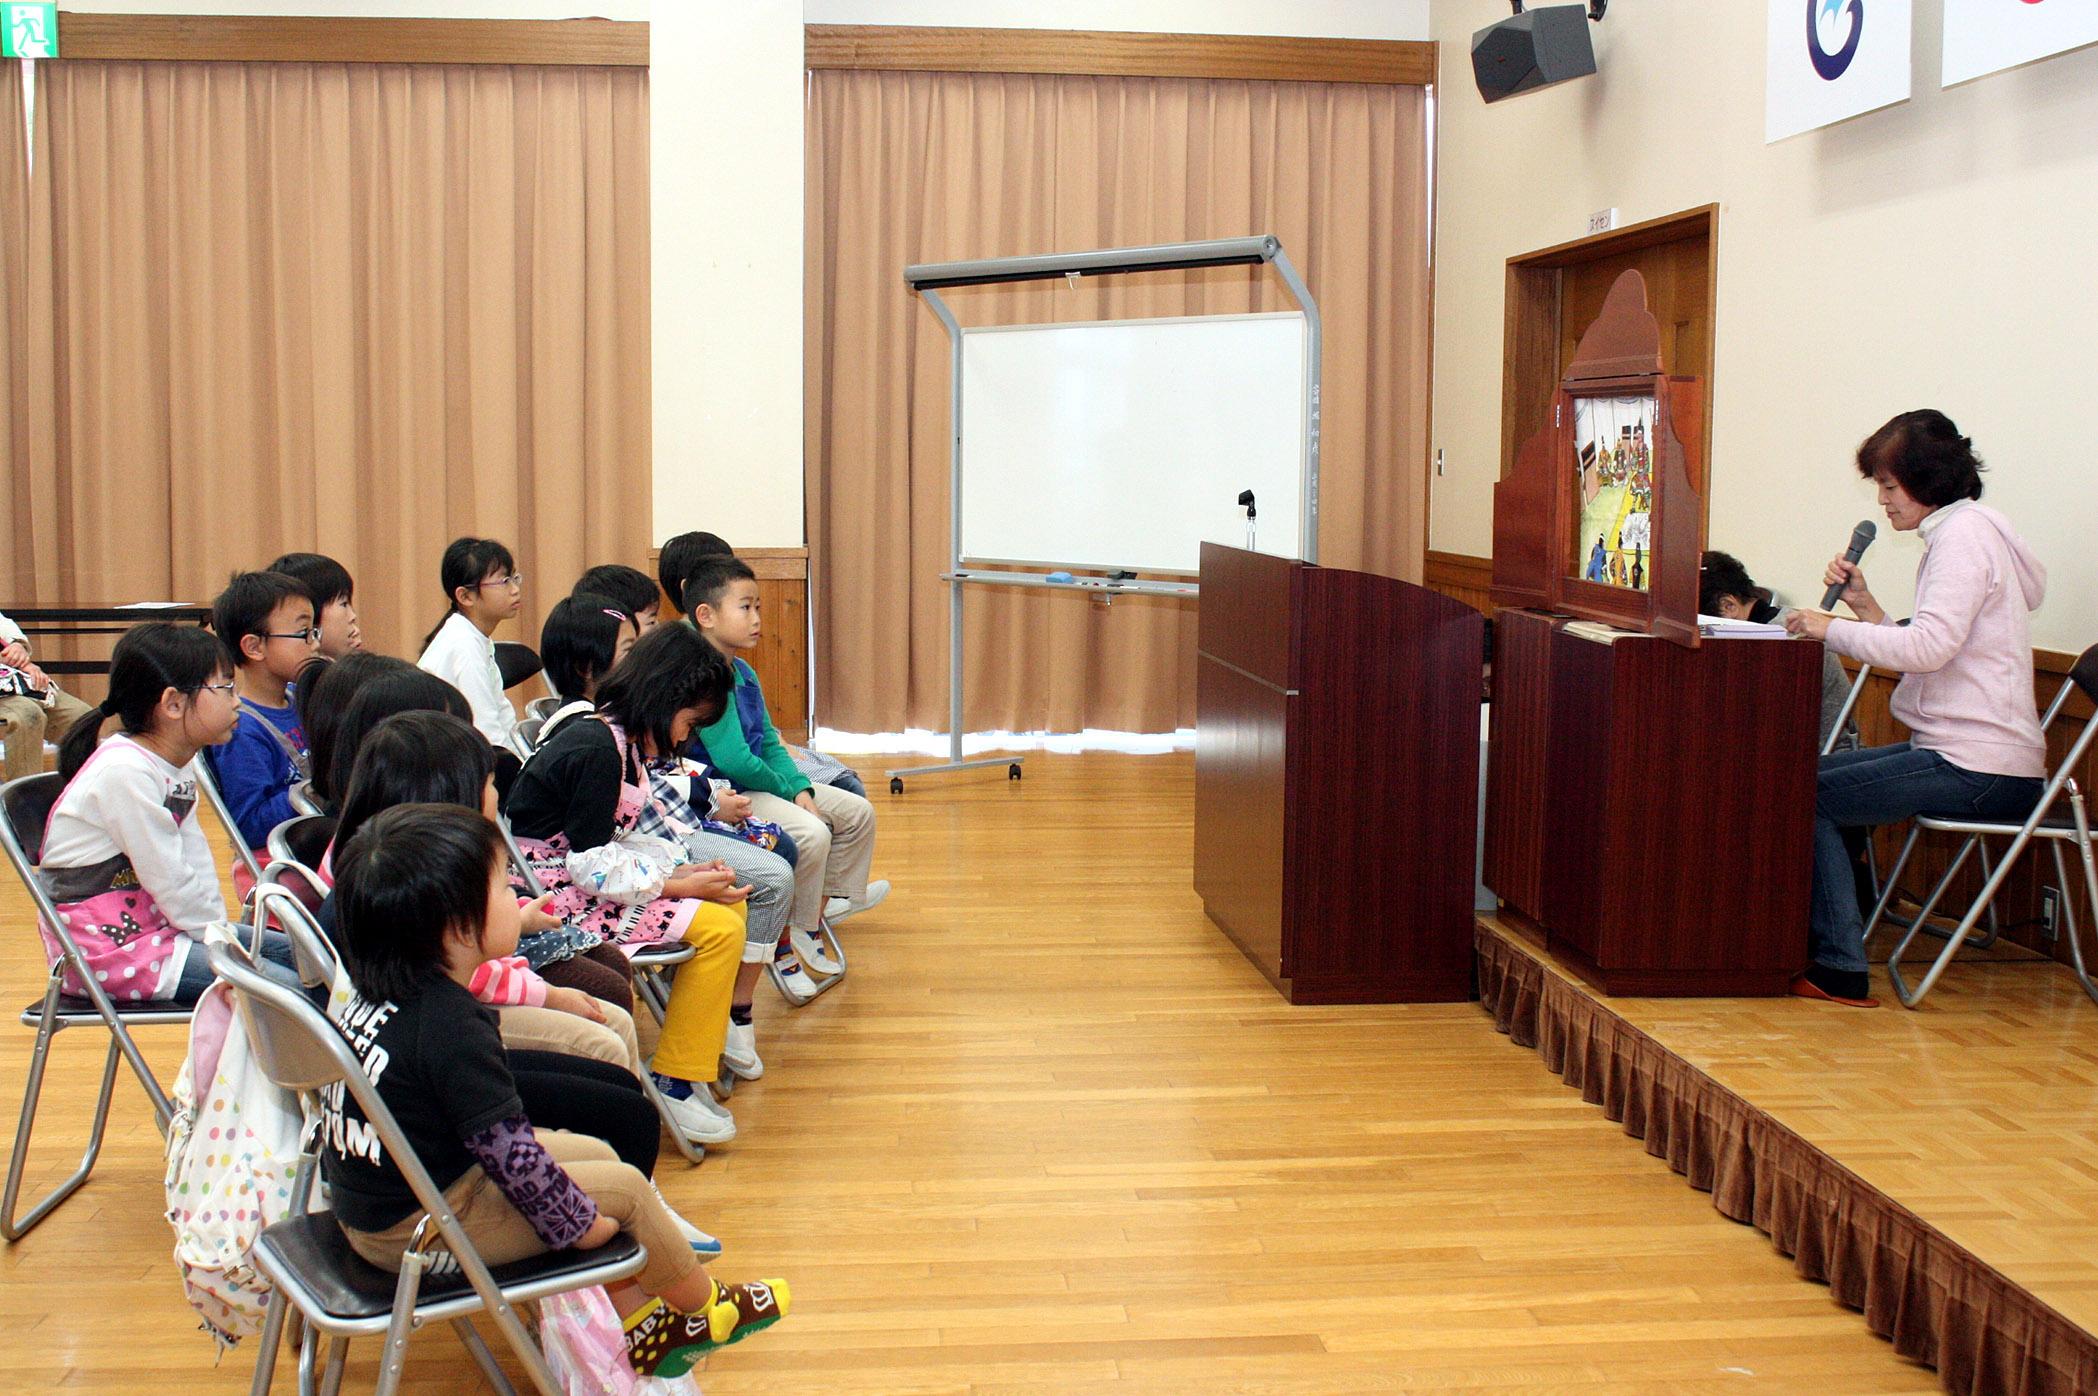 紙芝居を楽しむ児童=七尾市徳田公民館